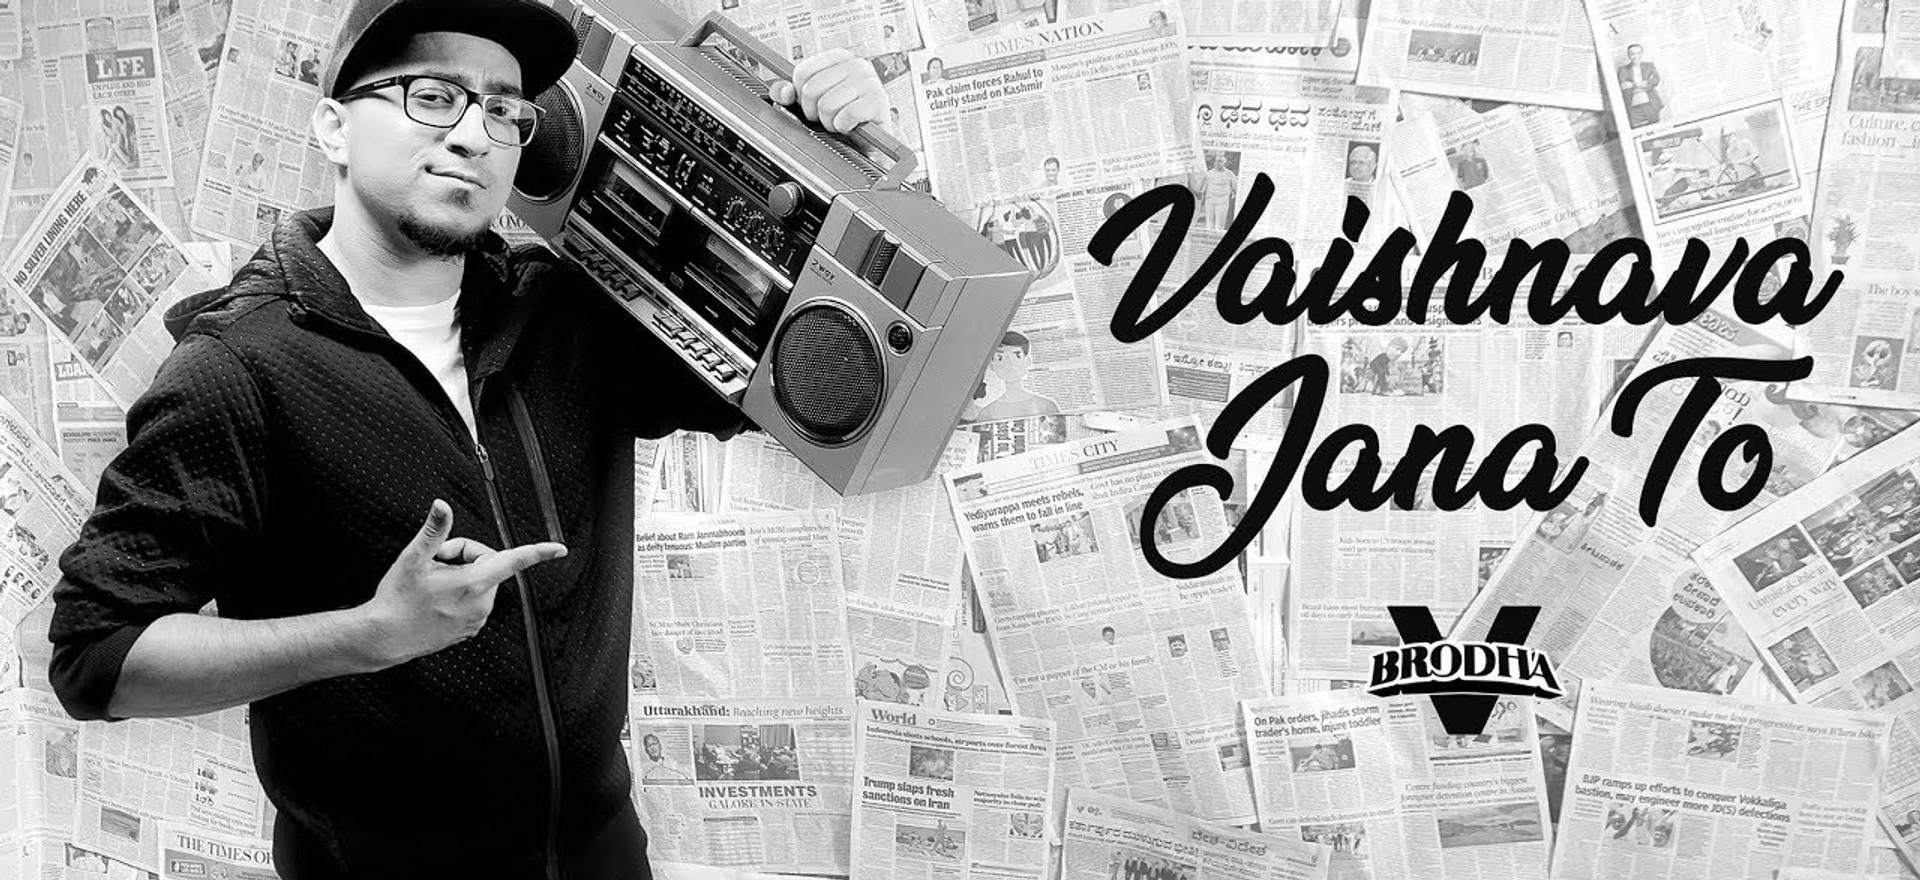 Brodha V - Vaishnava Jana To [Music Video]